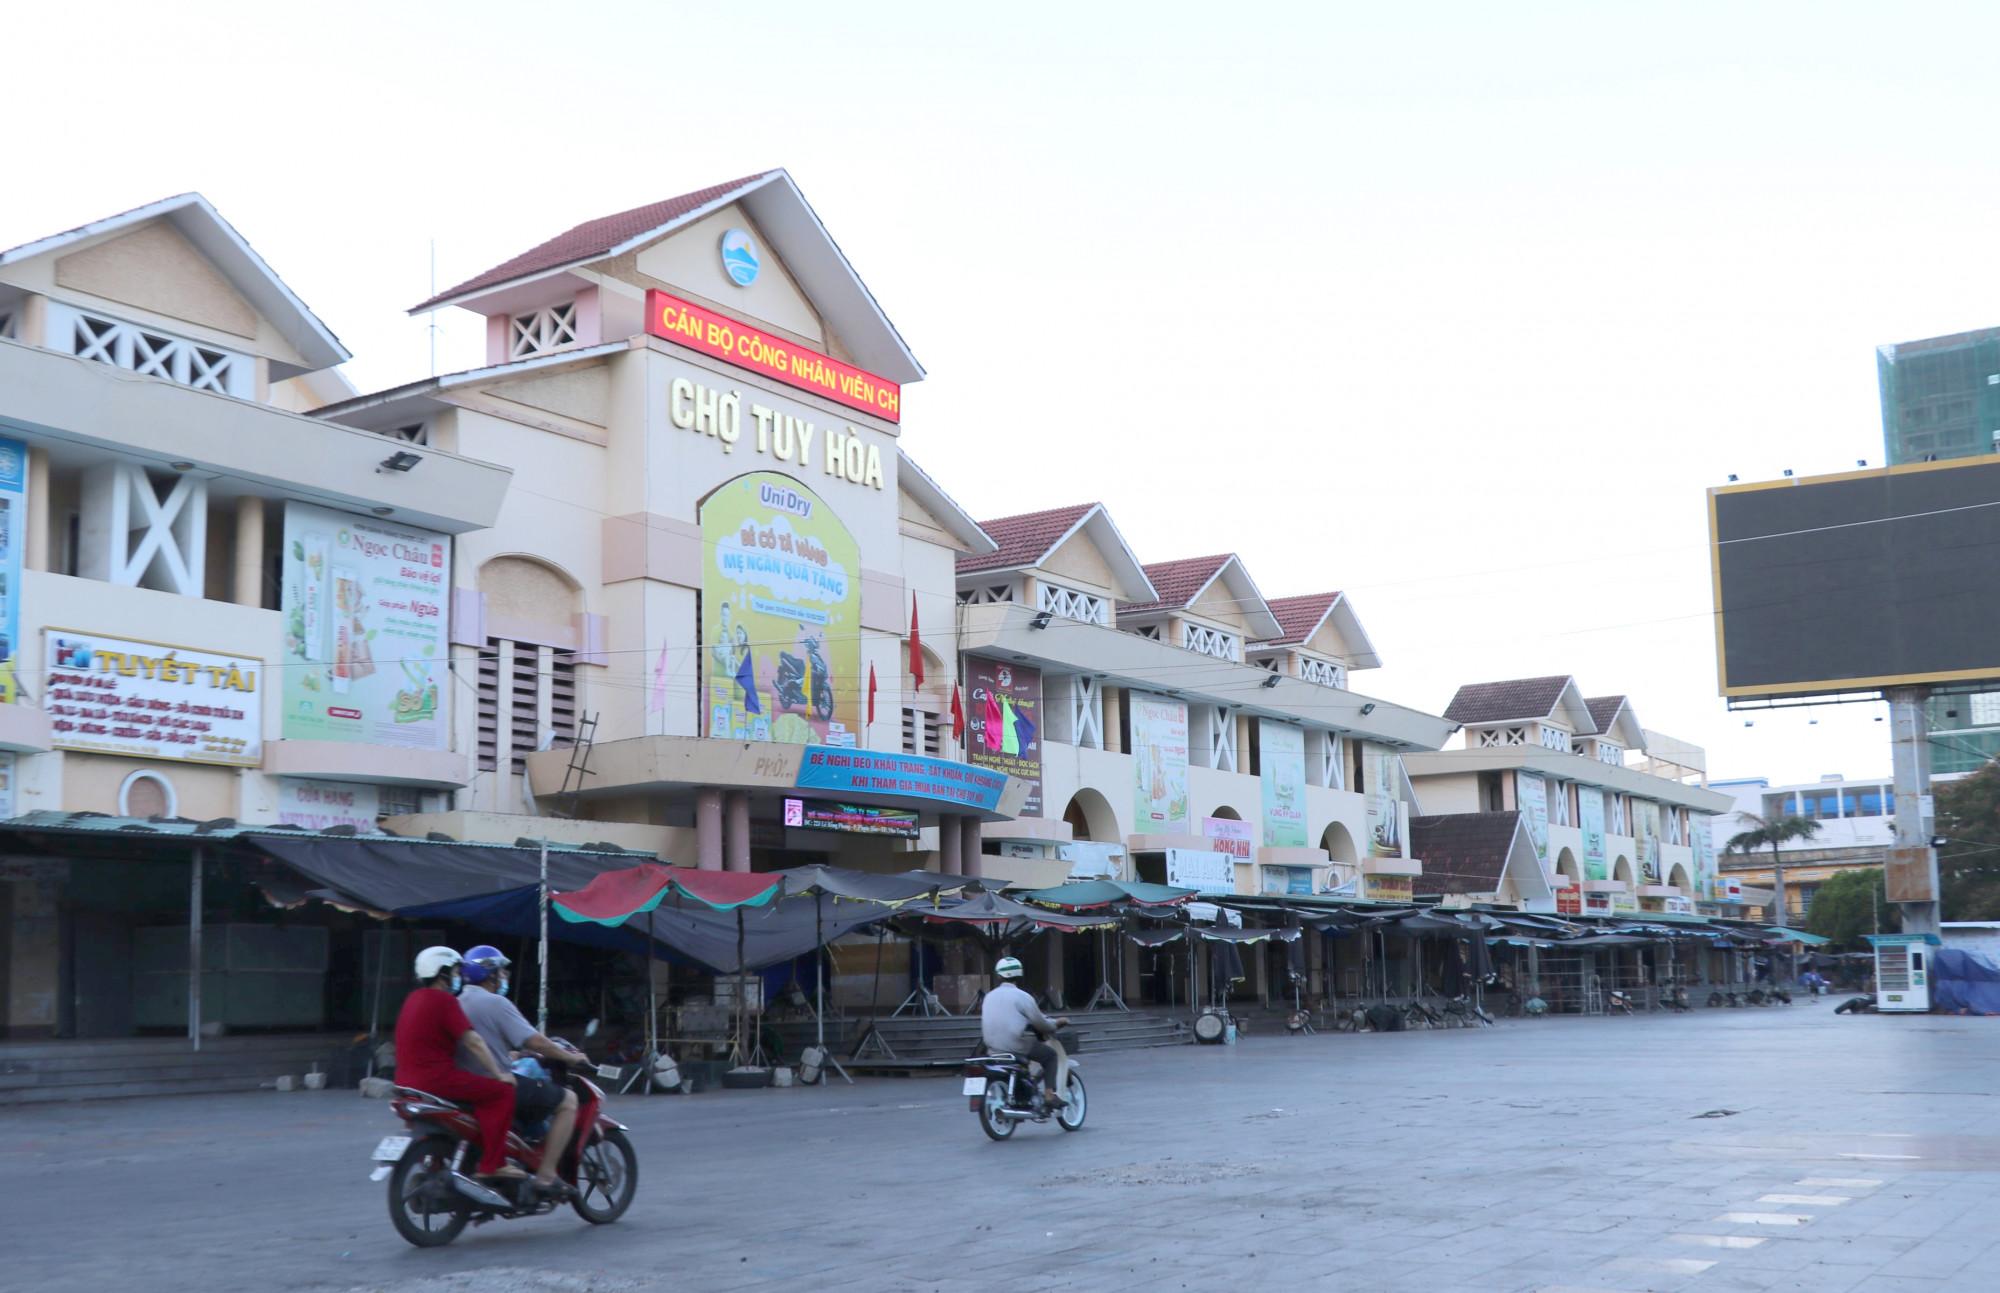 Chợ Tuy Hòa, chợ lớn nhất tỉnh Phú Yên